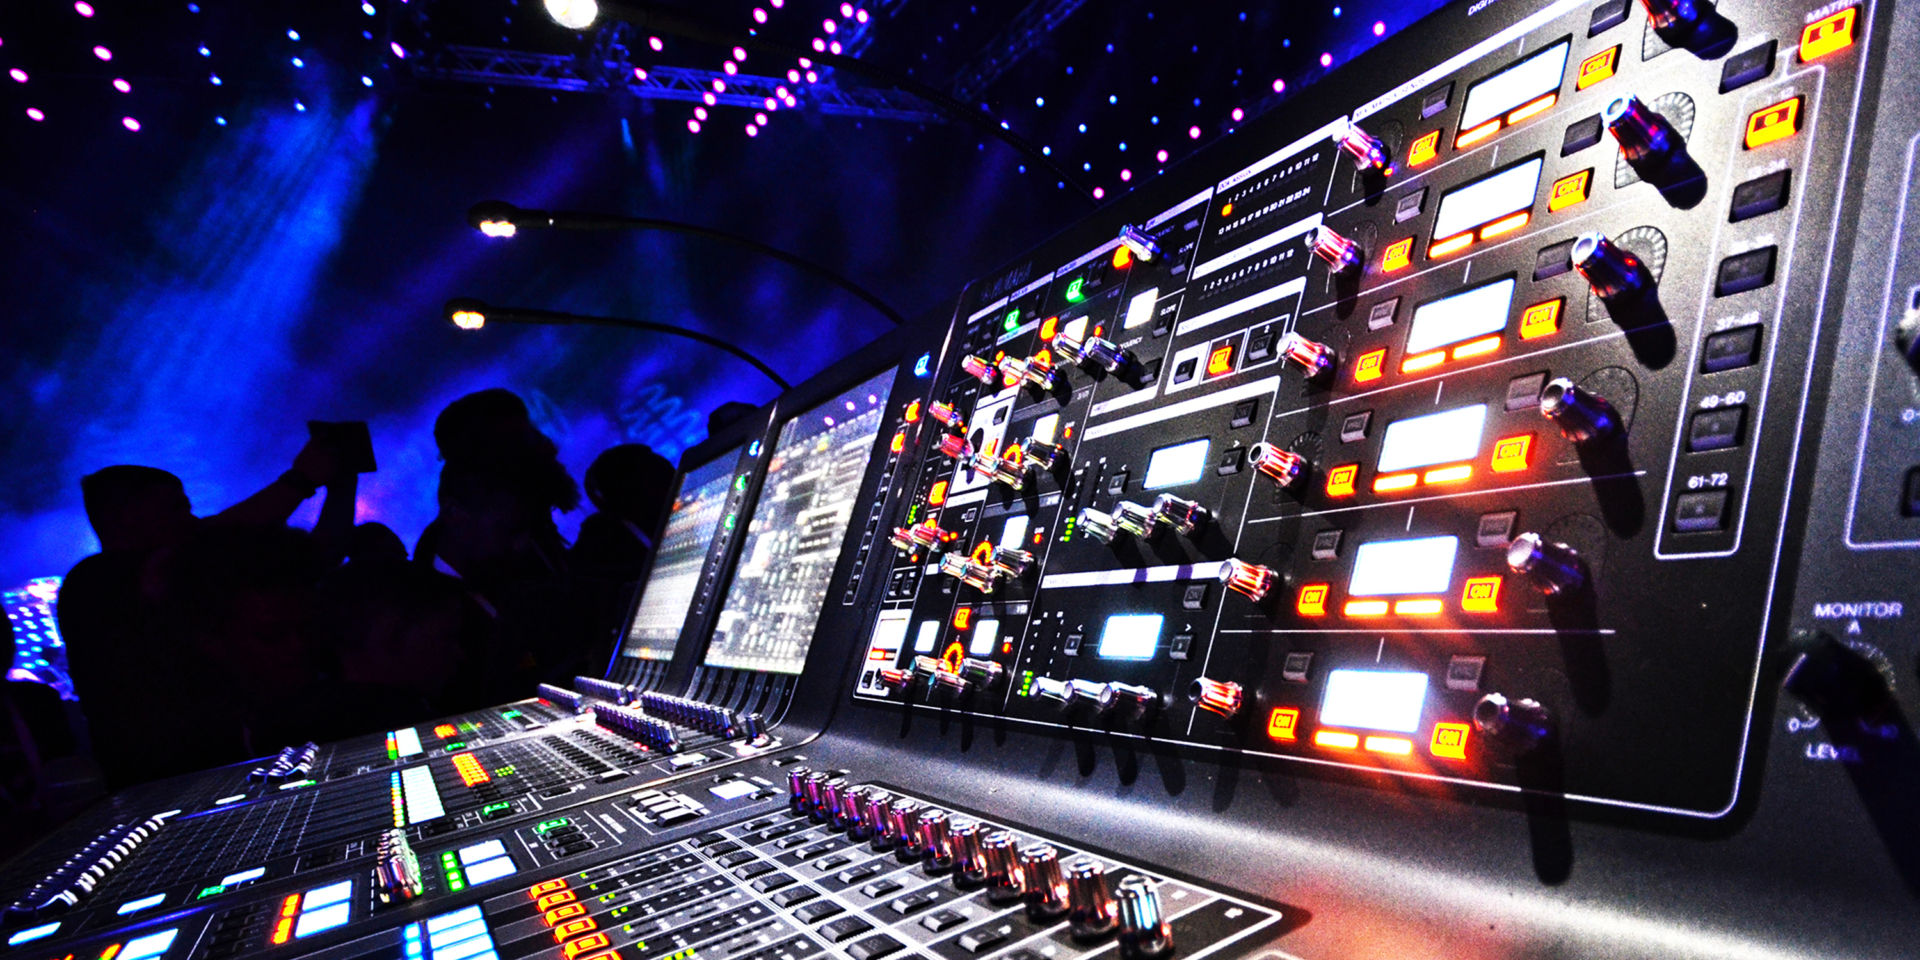 Prodotti professionali e sistemi di distribuzione audio digitale, rivolti al mondo dei live tour piccoli, medi e grandi, in applicazioni al chiuso o all'aperto.